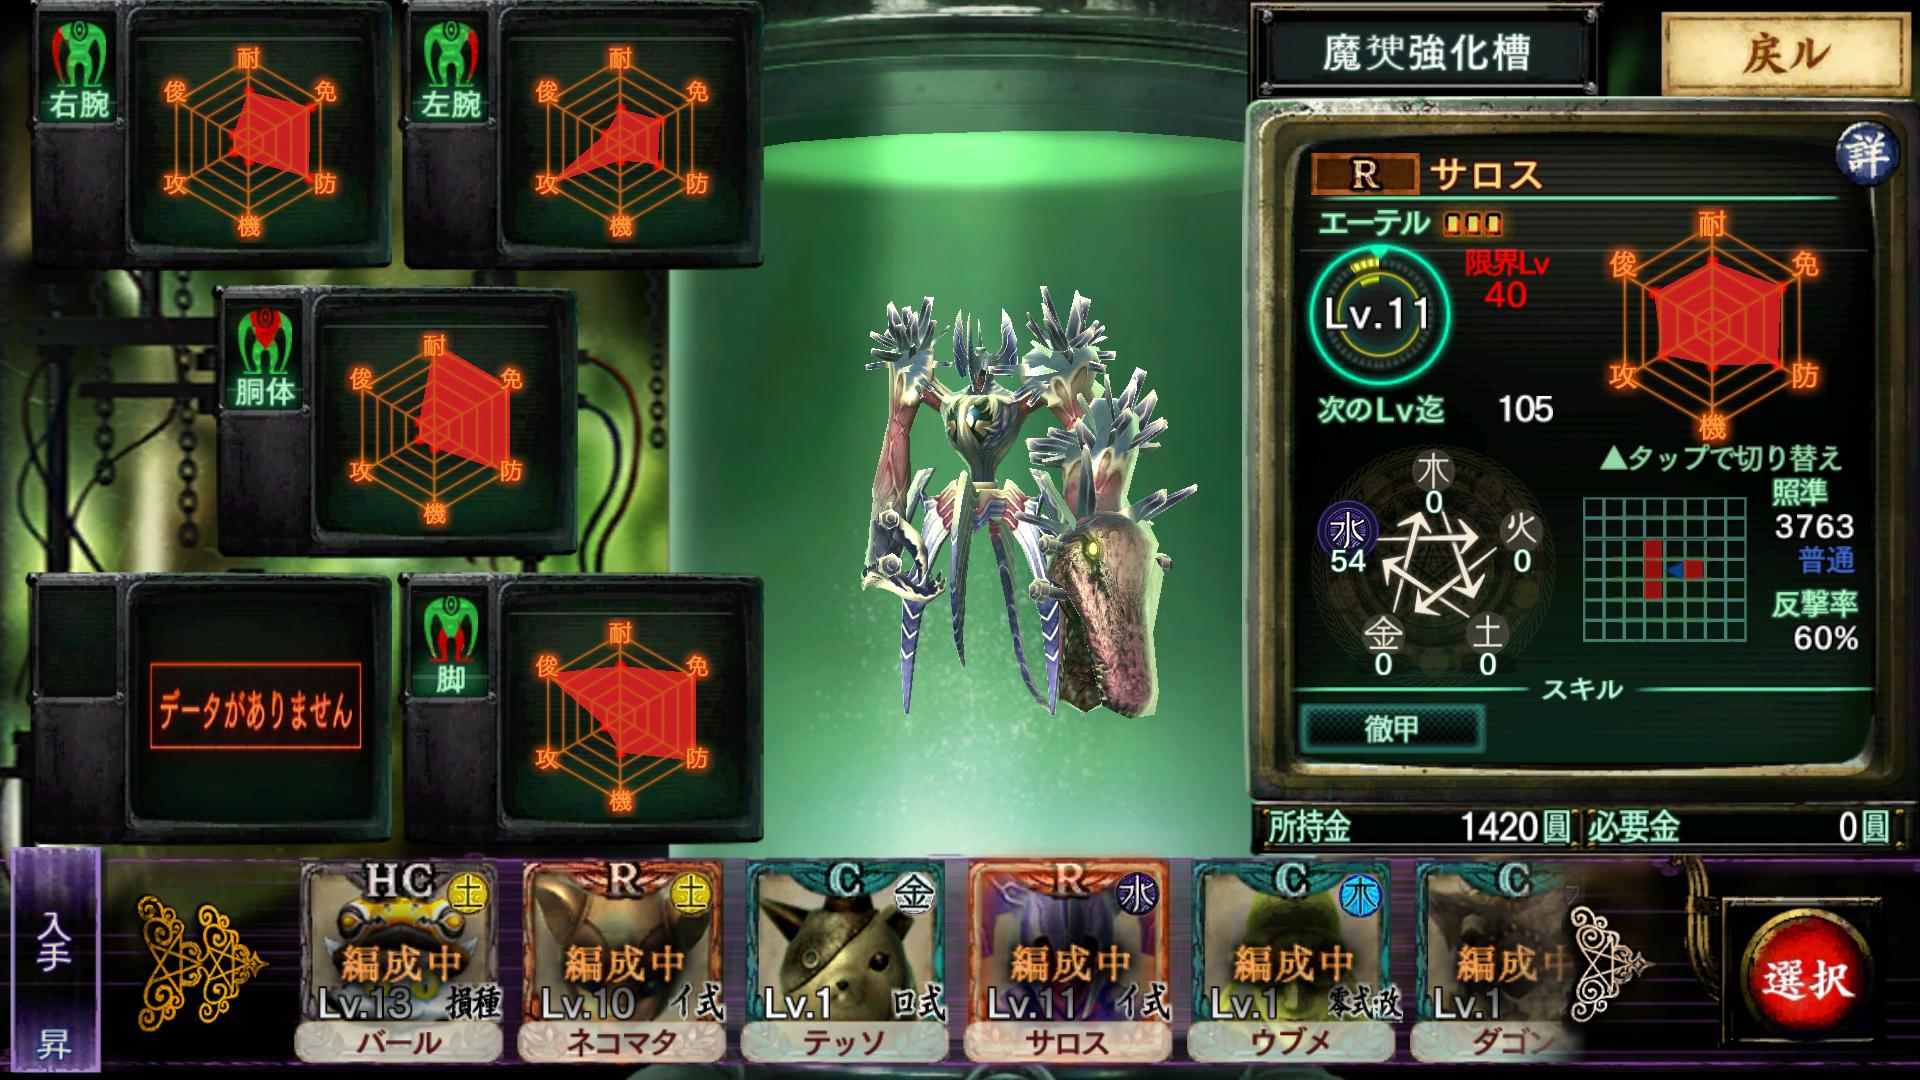 デモンズゲート -帝都審神大戦- androidアプリスクリーンショット3